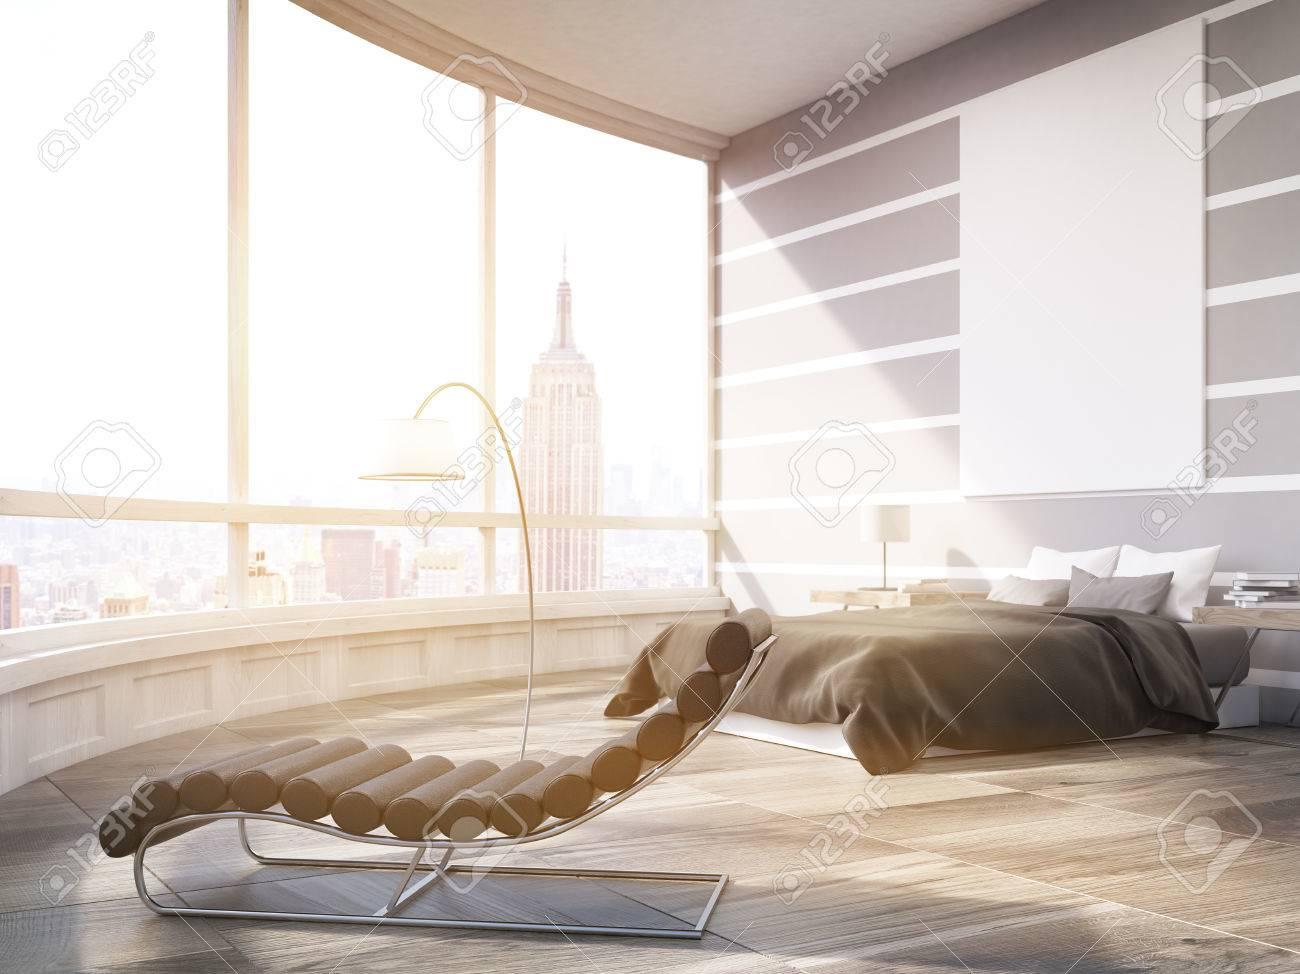 Sonnenbeschienenem Master Schlafzimmer Mit Bett, Massagesessel Und Großes  Plakat Auf Graue Wand. Panoramafenster